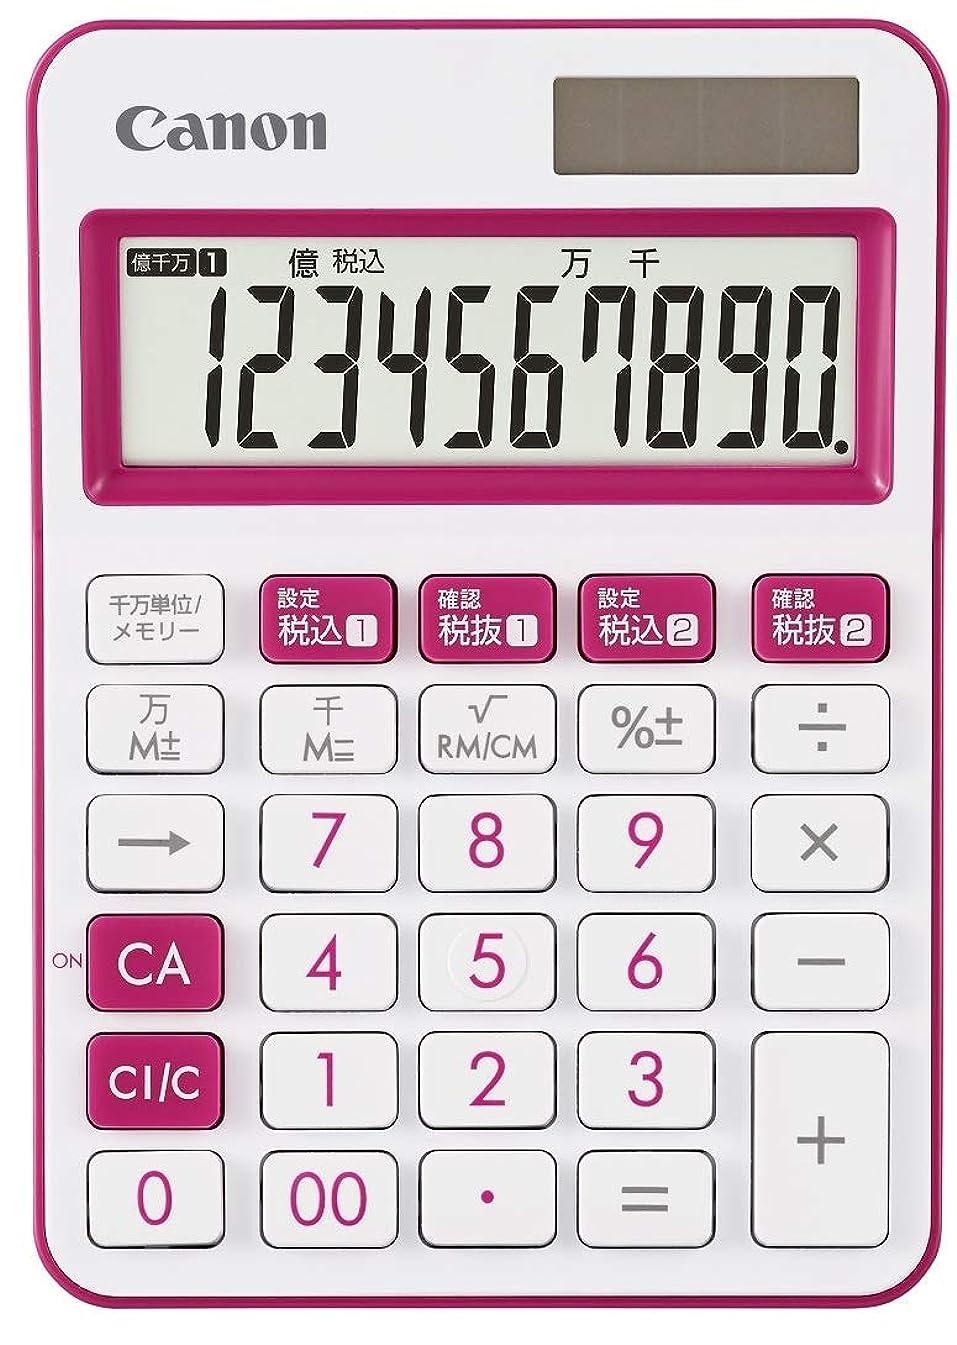 重荷机受粉するCanon カラフル電卓 LS-105WUC-PK ピンク 10桁ミニ卓上タイプ